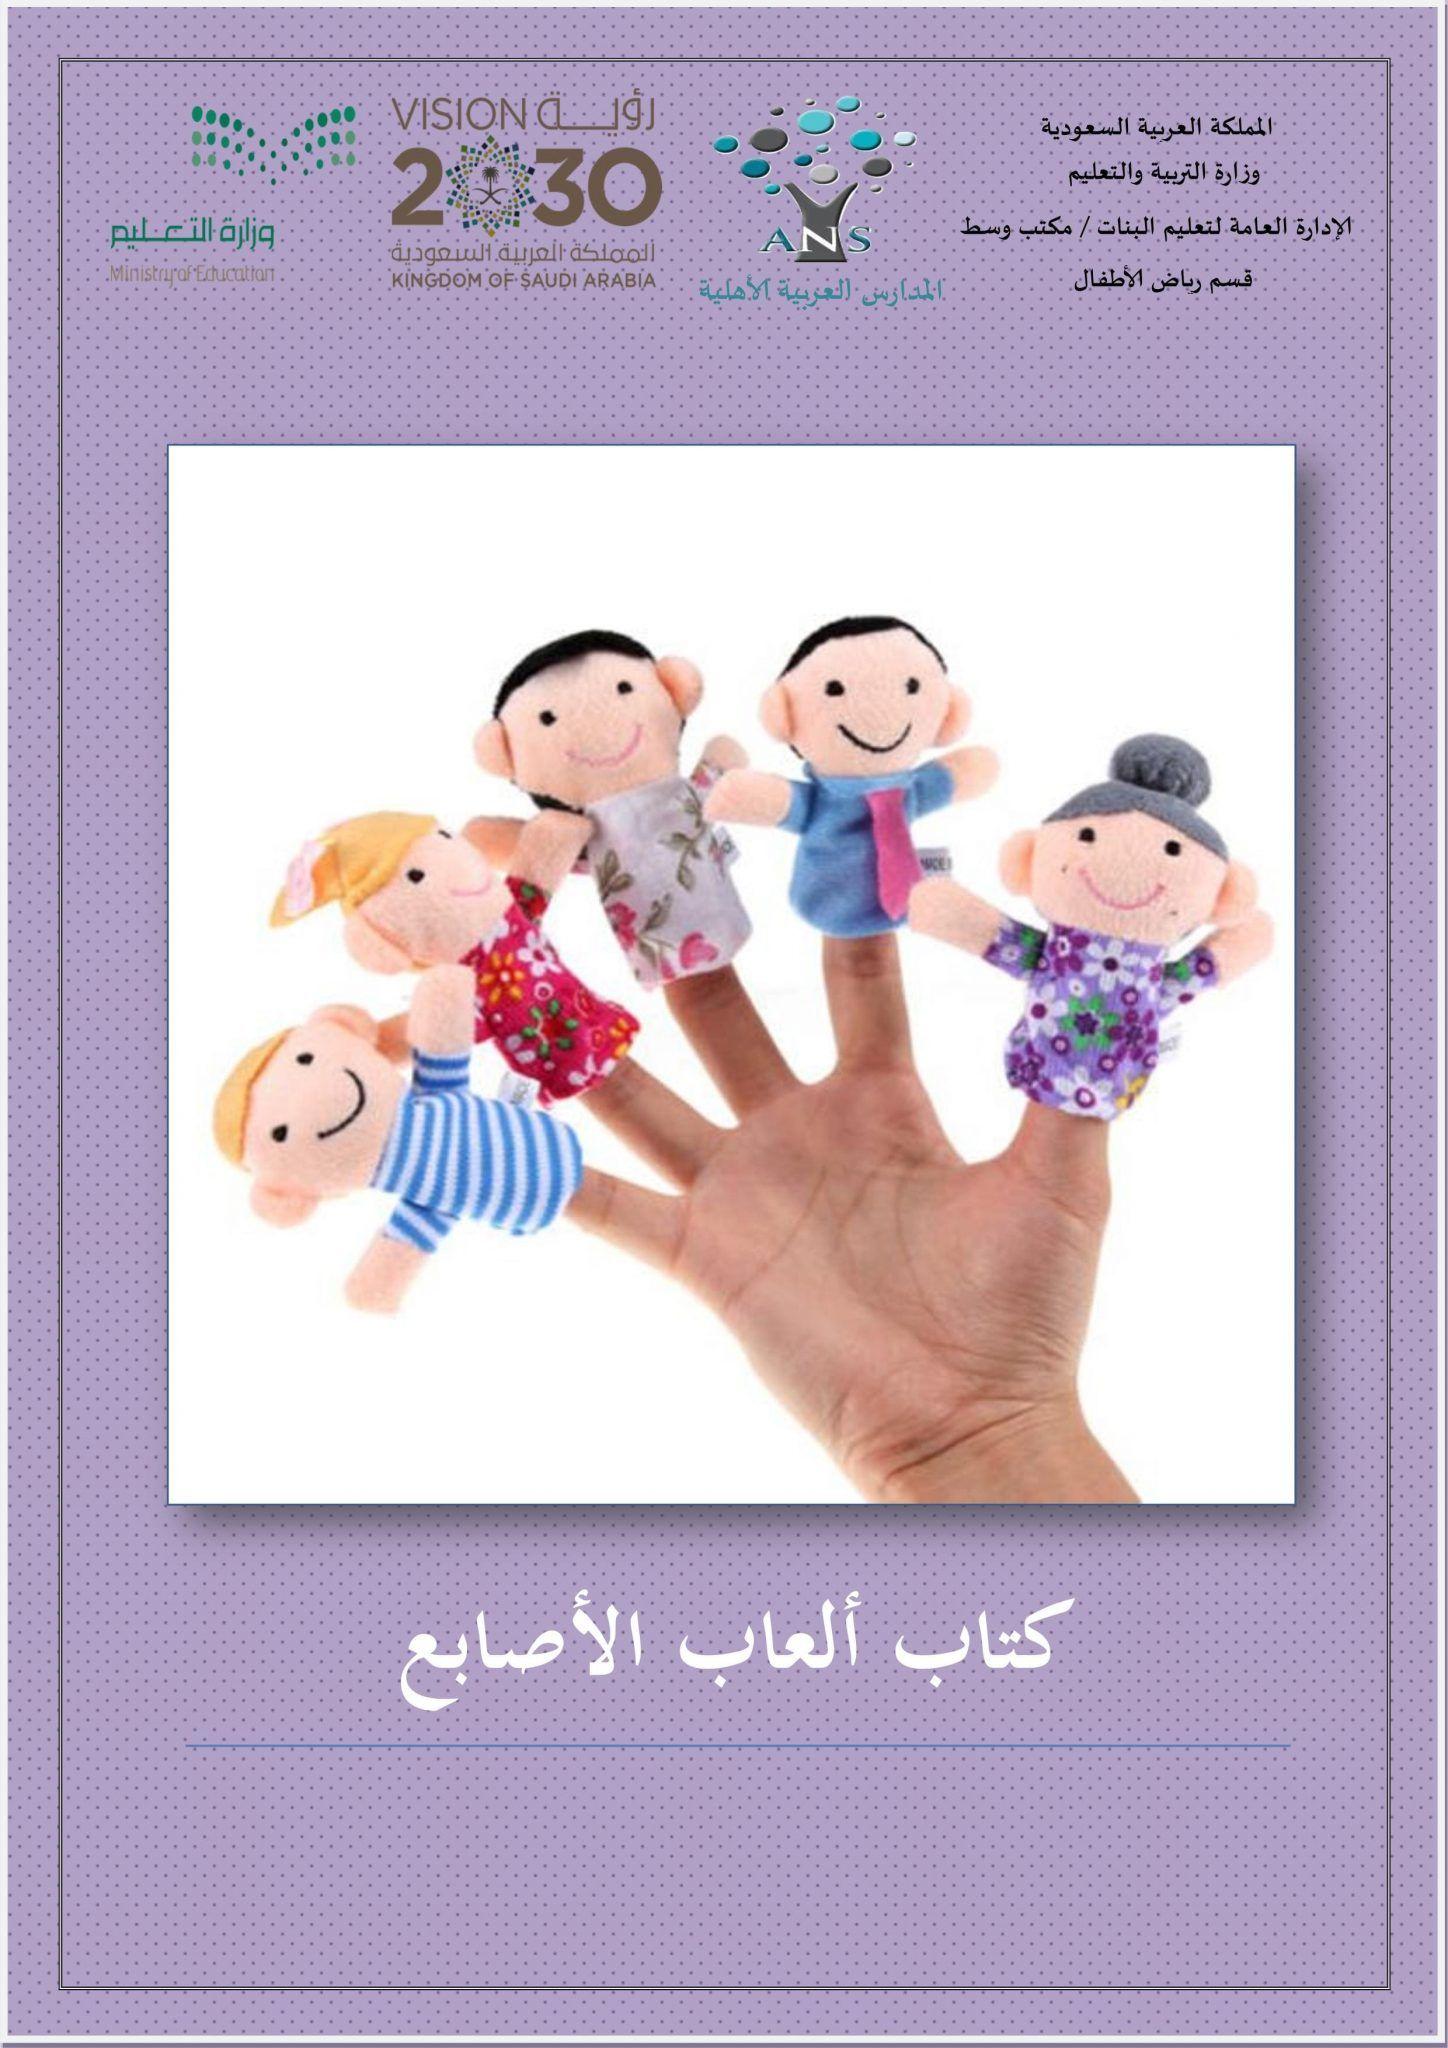 كتاب الالعاب الاصابع ممتع للاطفال لربط بين الكلمة والحركة Worksheets For Kids Arabic Worksheets Worksheets